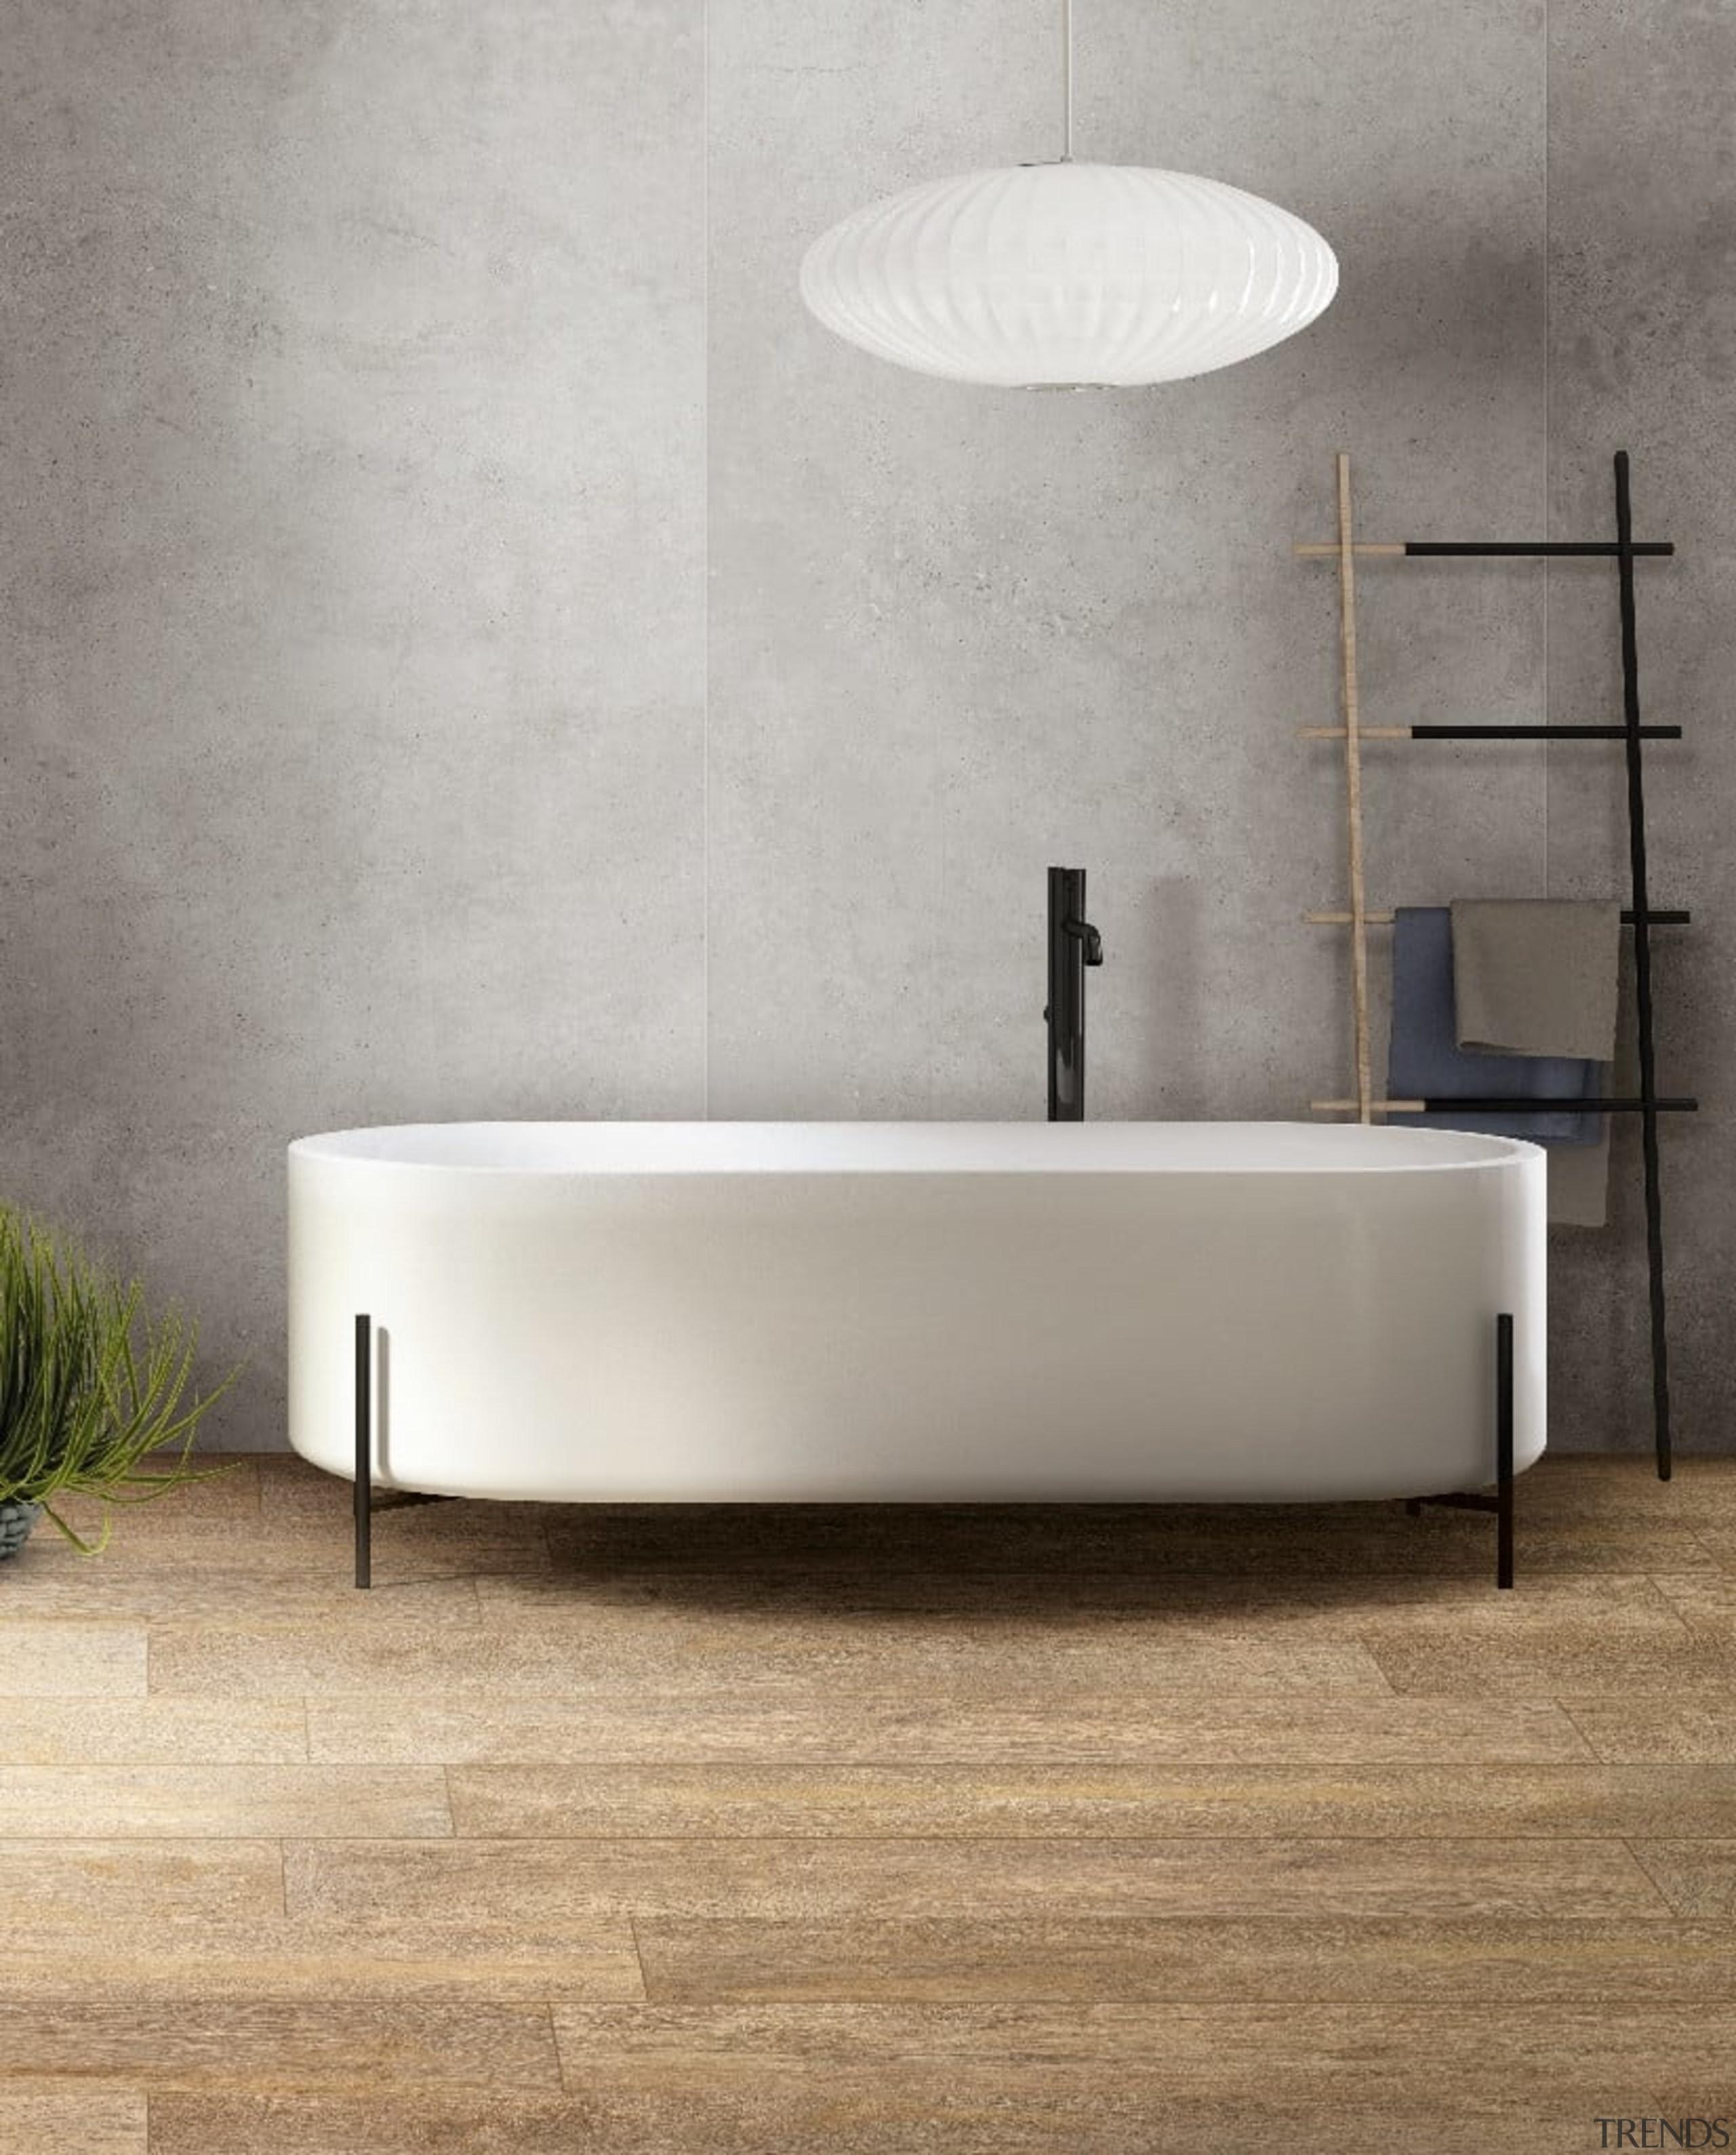 Cozy Havana 200x1200 - Cozy Havana 200x1200 - angle, bathroom, bathroom sink, ceramic, floor, flooring, furniture, interior design, plumbing fixture, sink, tap, tile, wall, gray